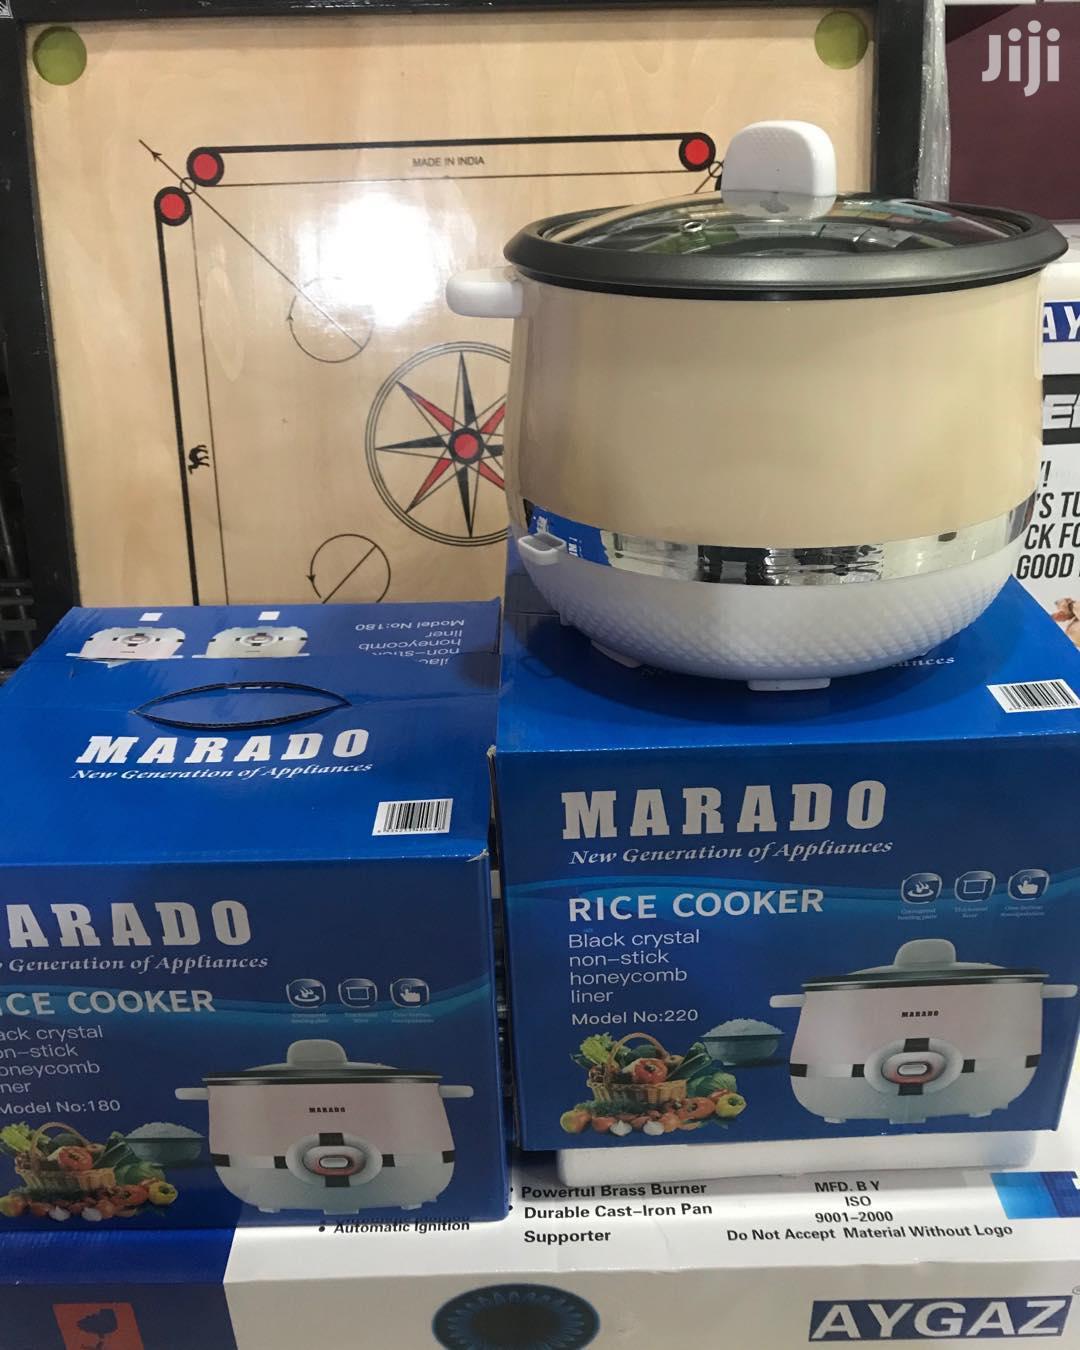 Marado Rice Cooker